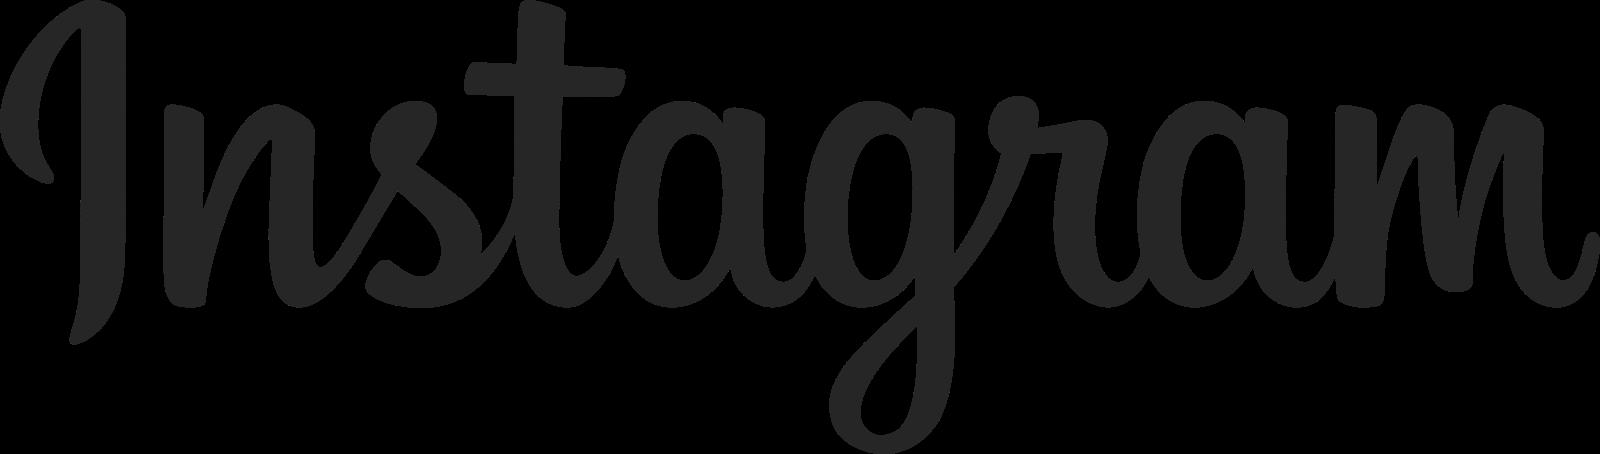 instagram-logo-7